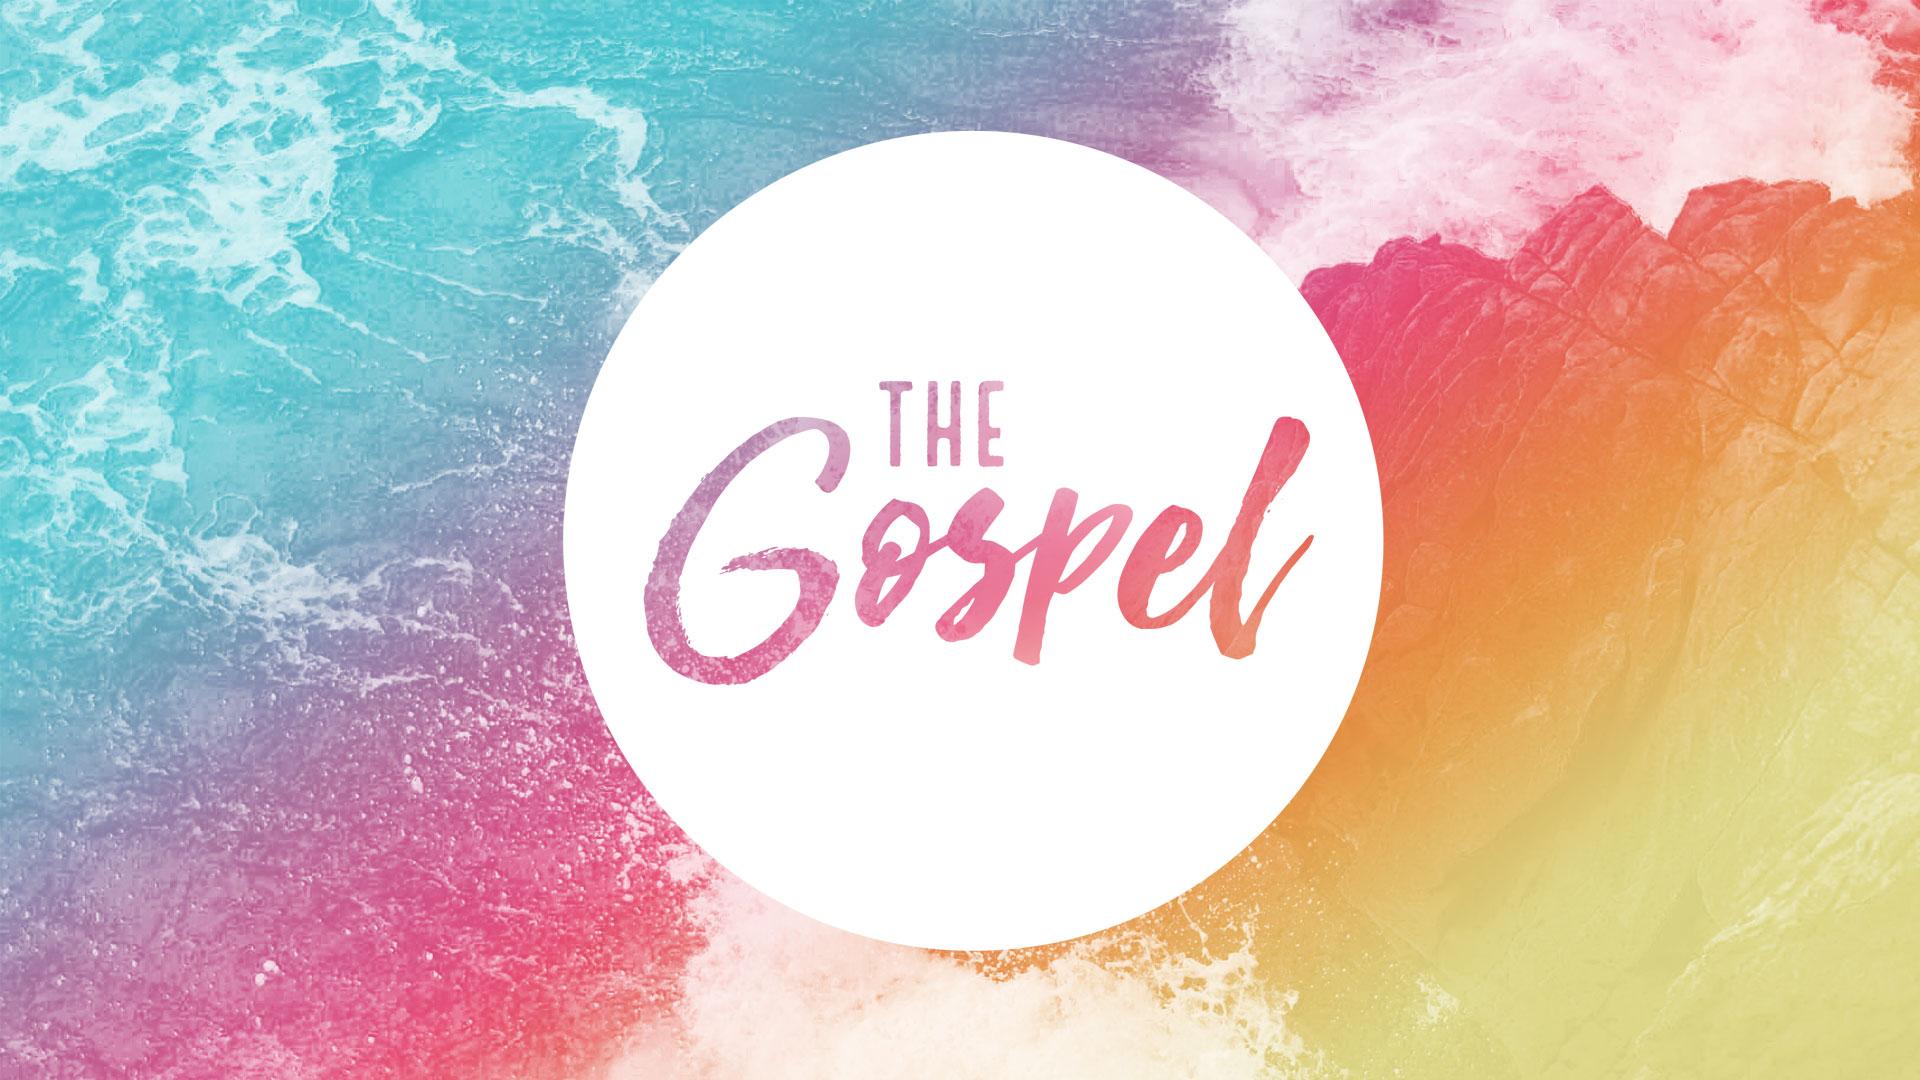 TheGospel_MainTitle_Phase4-1